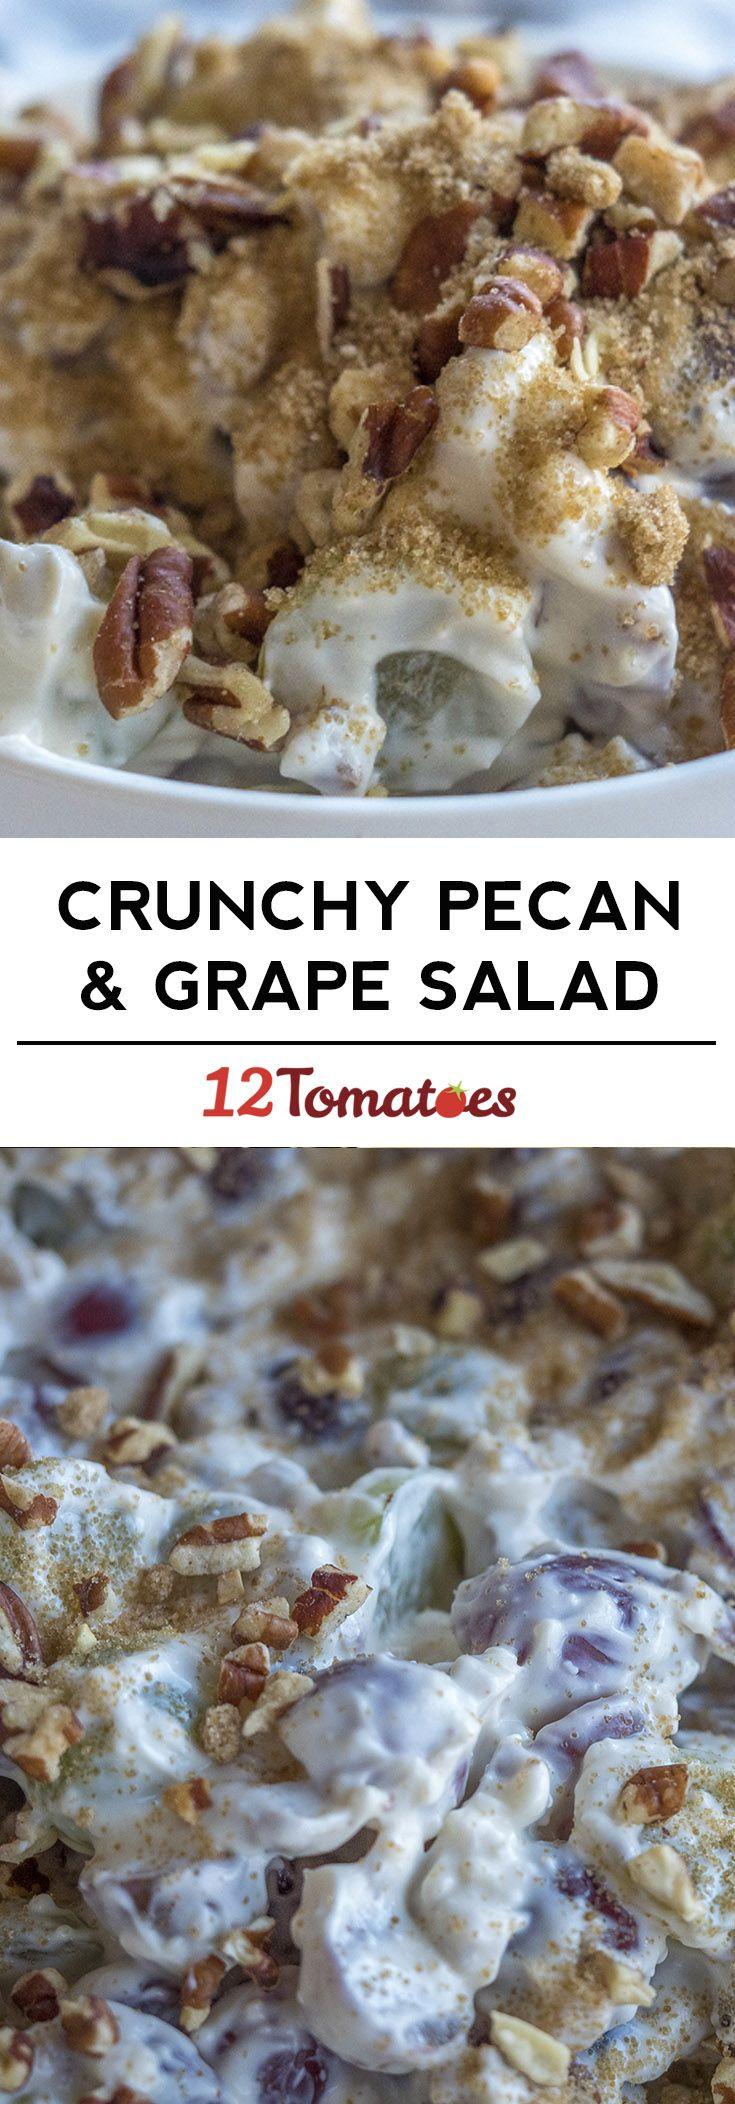 Crunchy Pecan Grape Salad